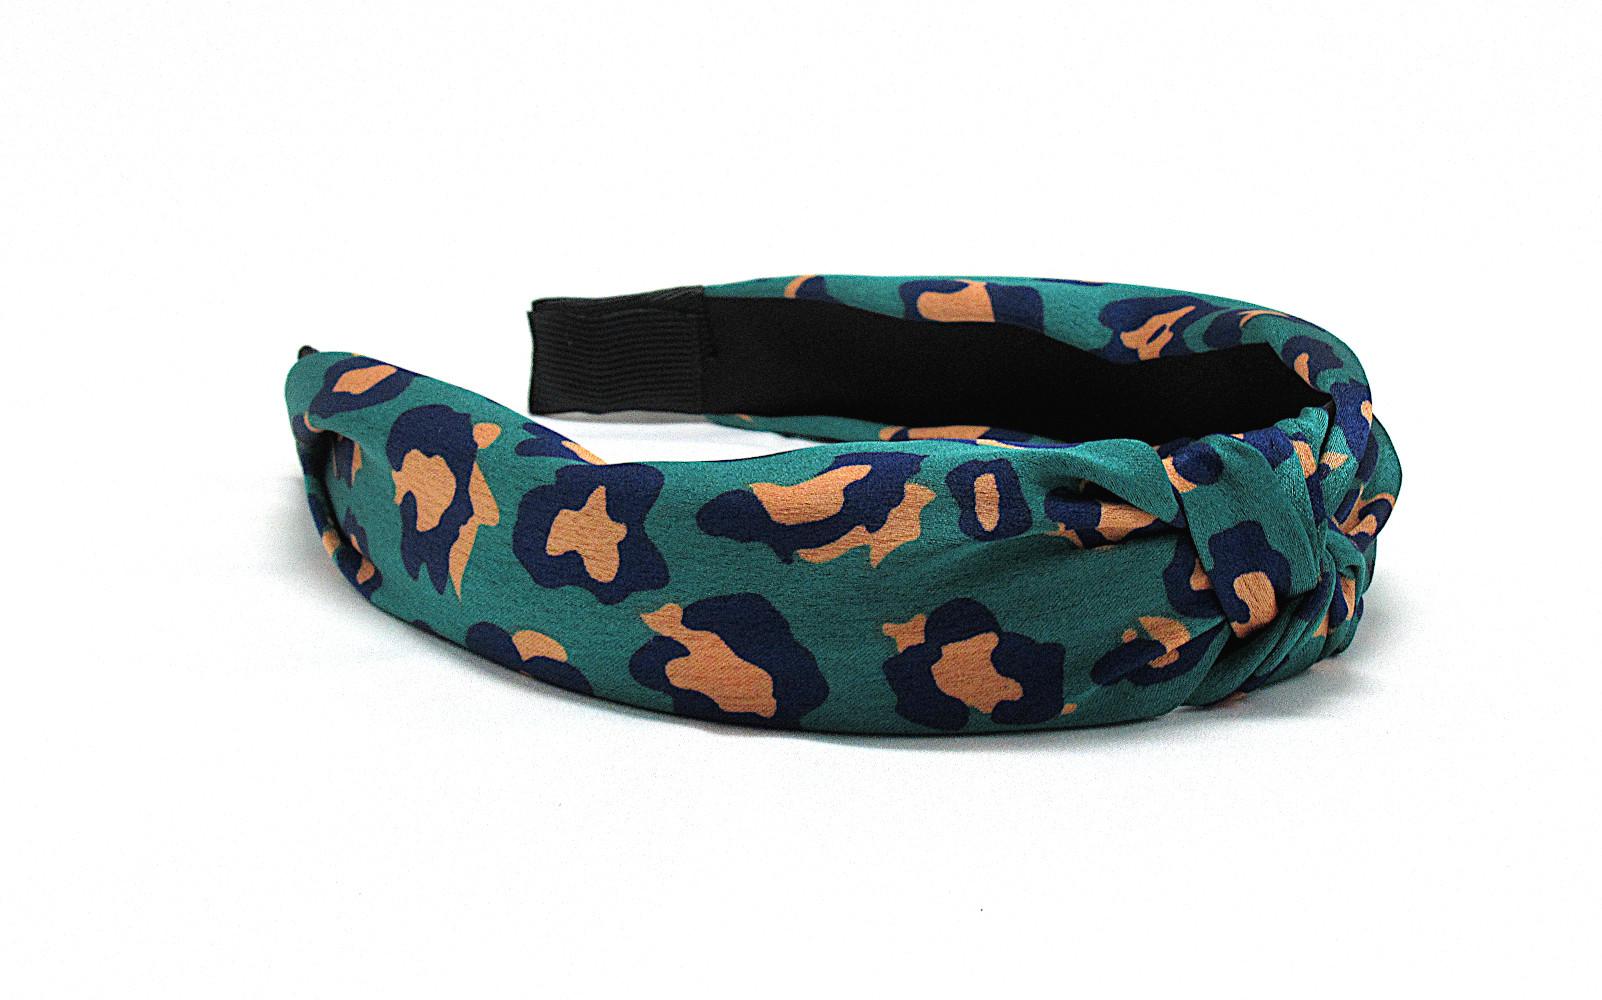 RJ-HB02_Leopard Print Knotted Headband-Green1